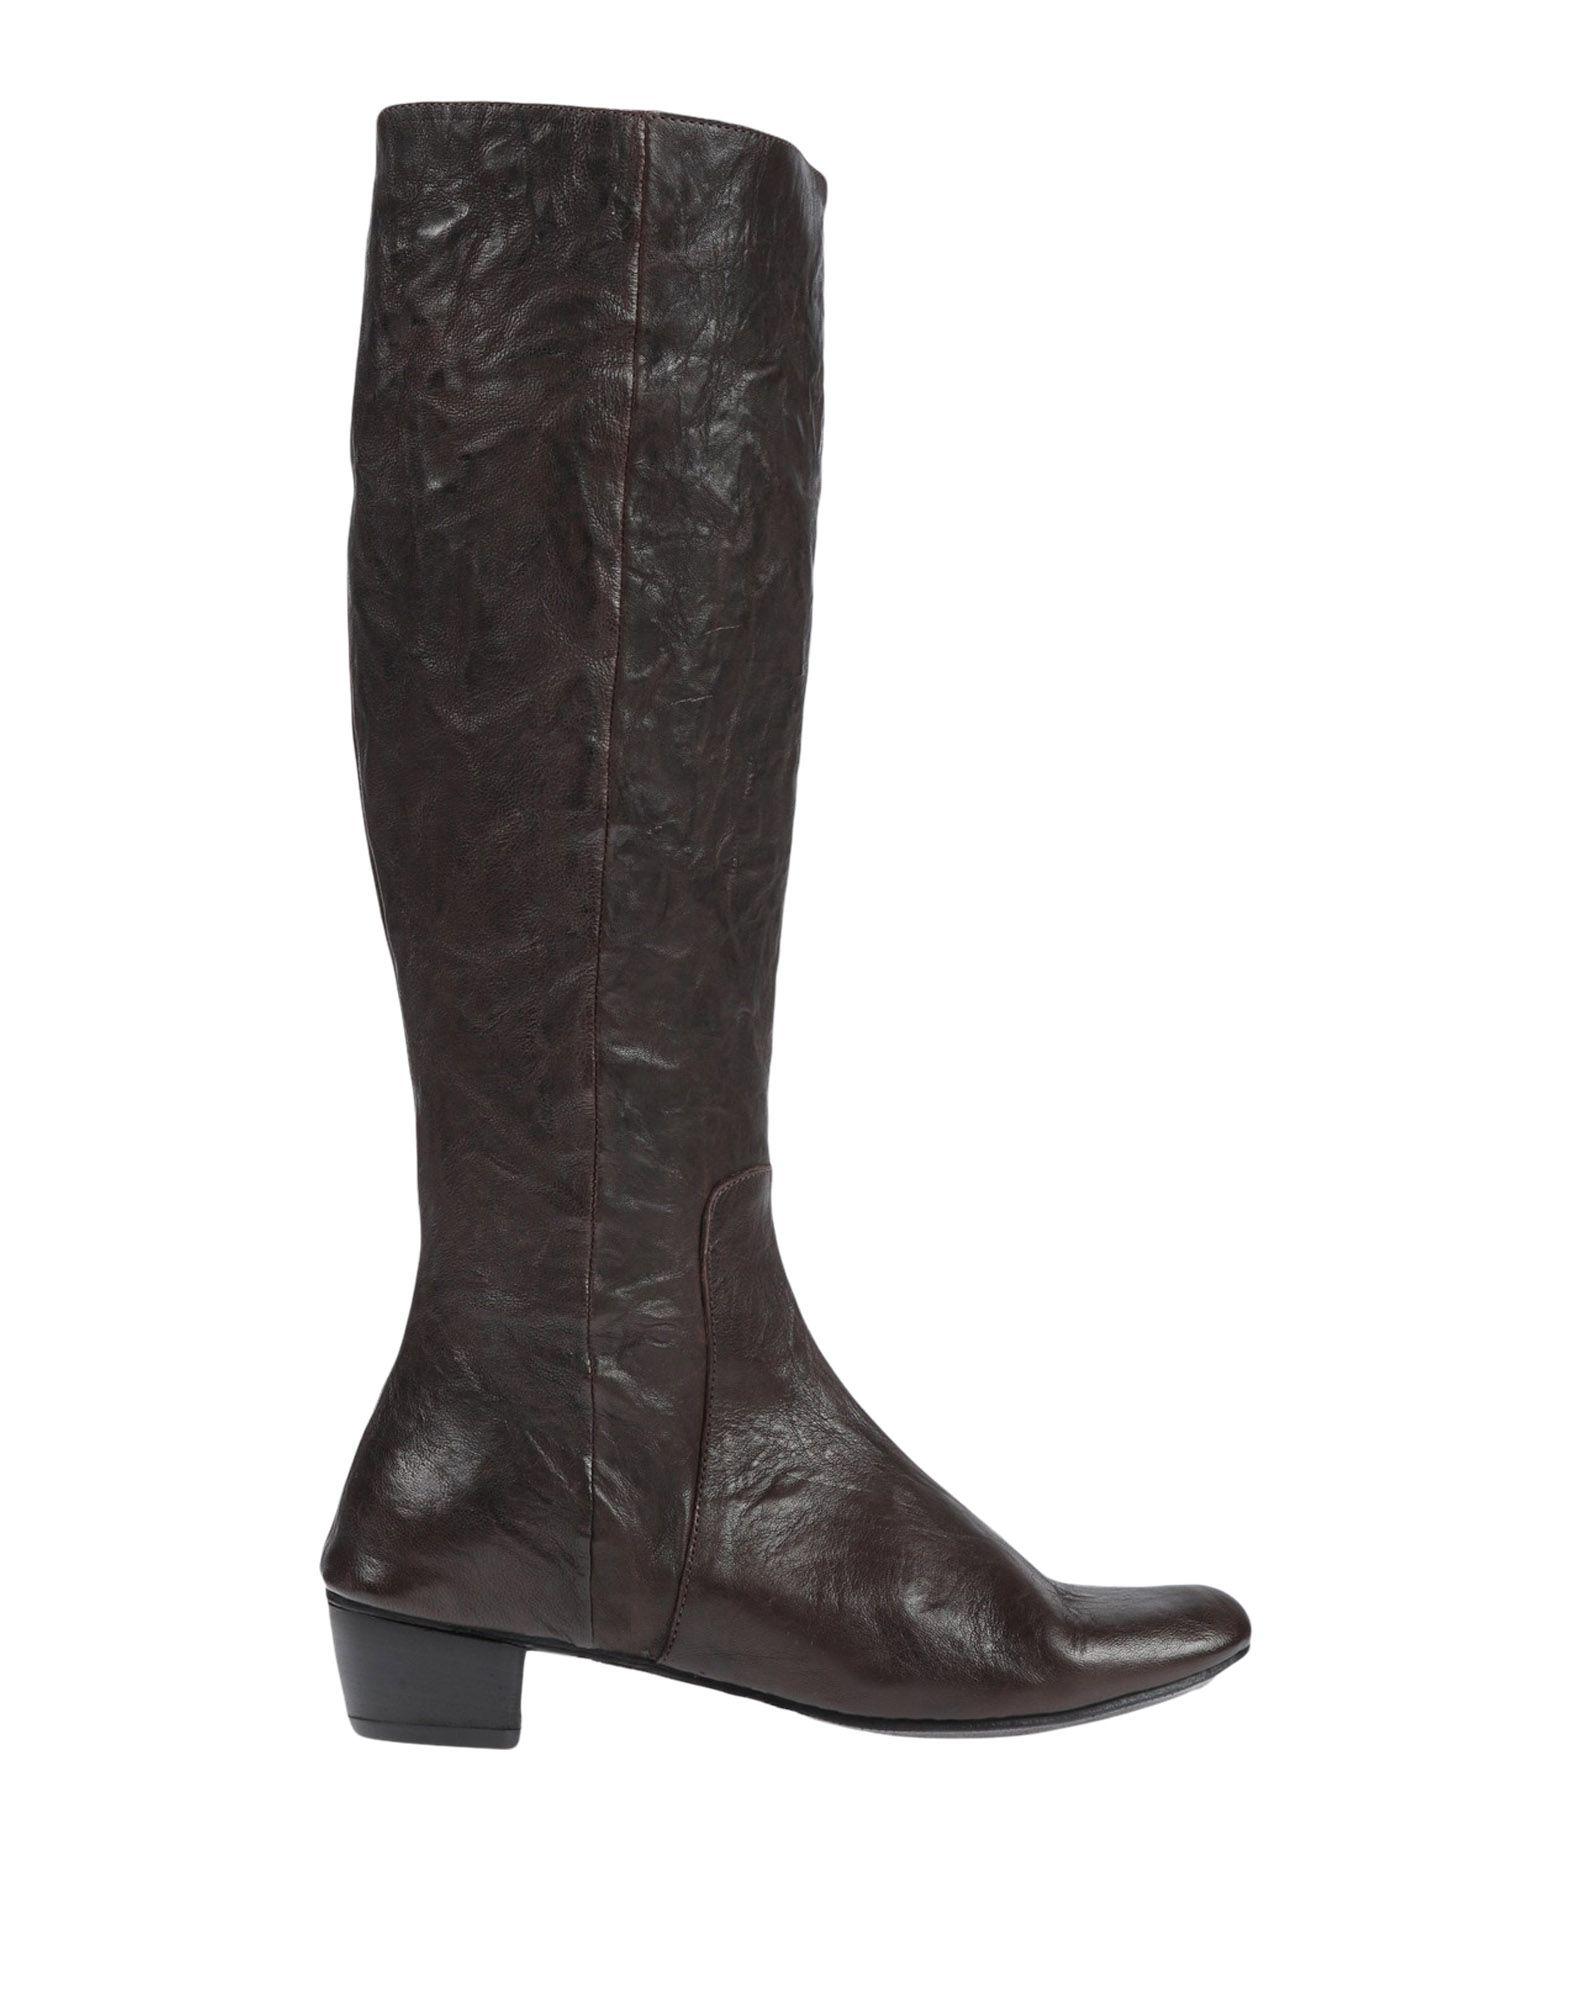 Kudetà Stiefel Damen  11540116GRGut aussehende strapazierfähige Schuhe